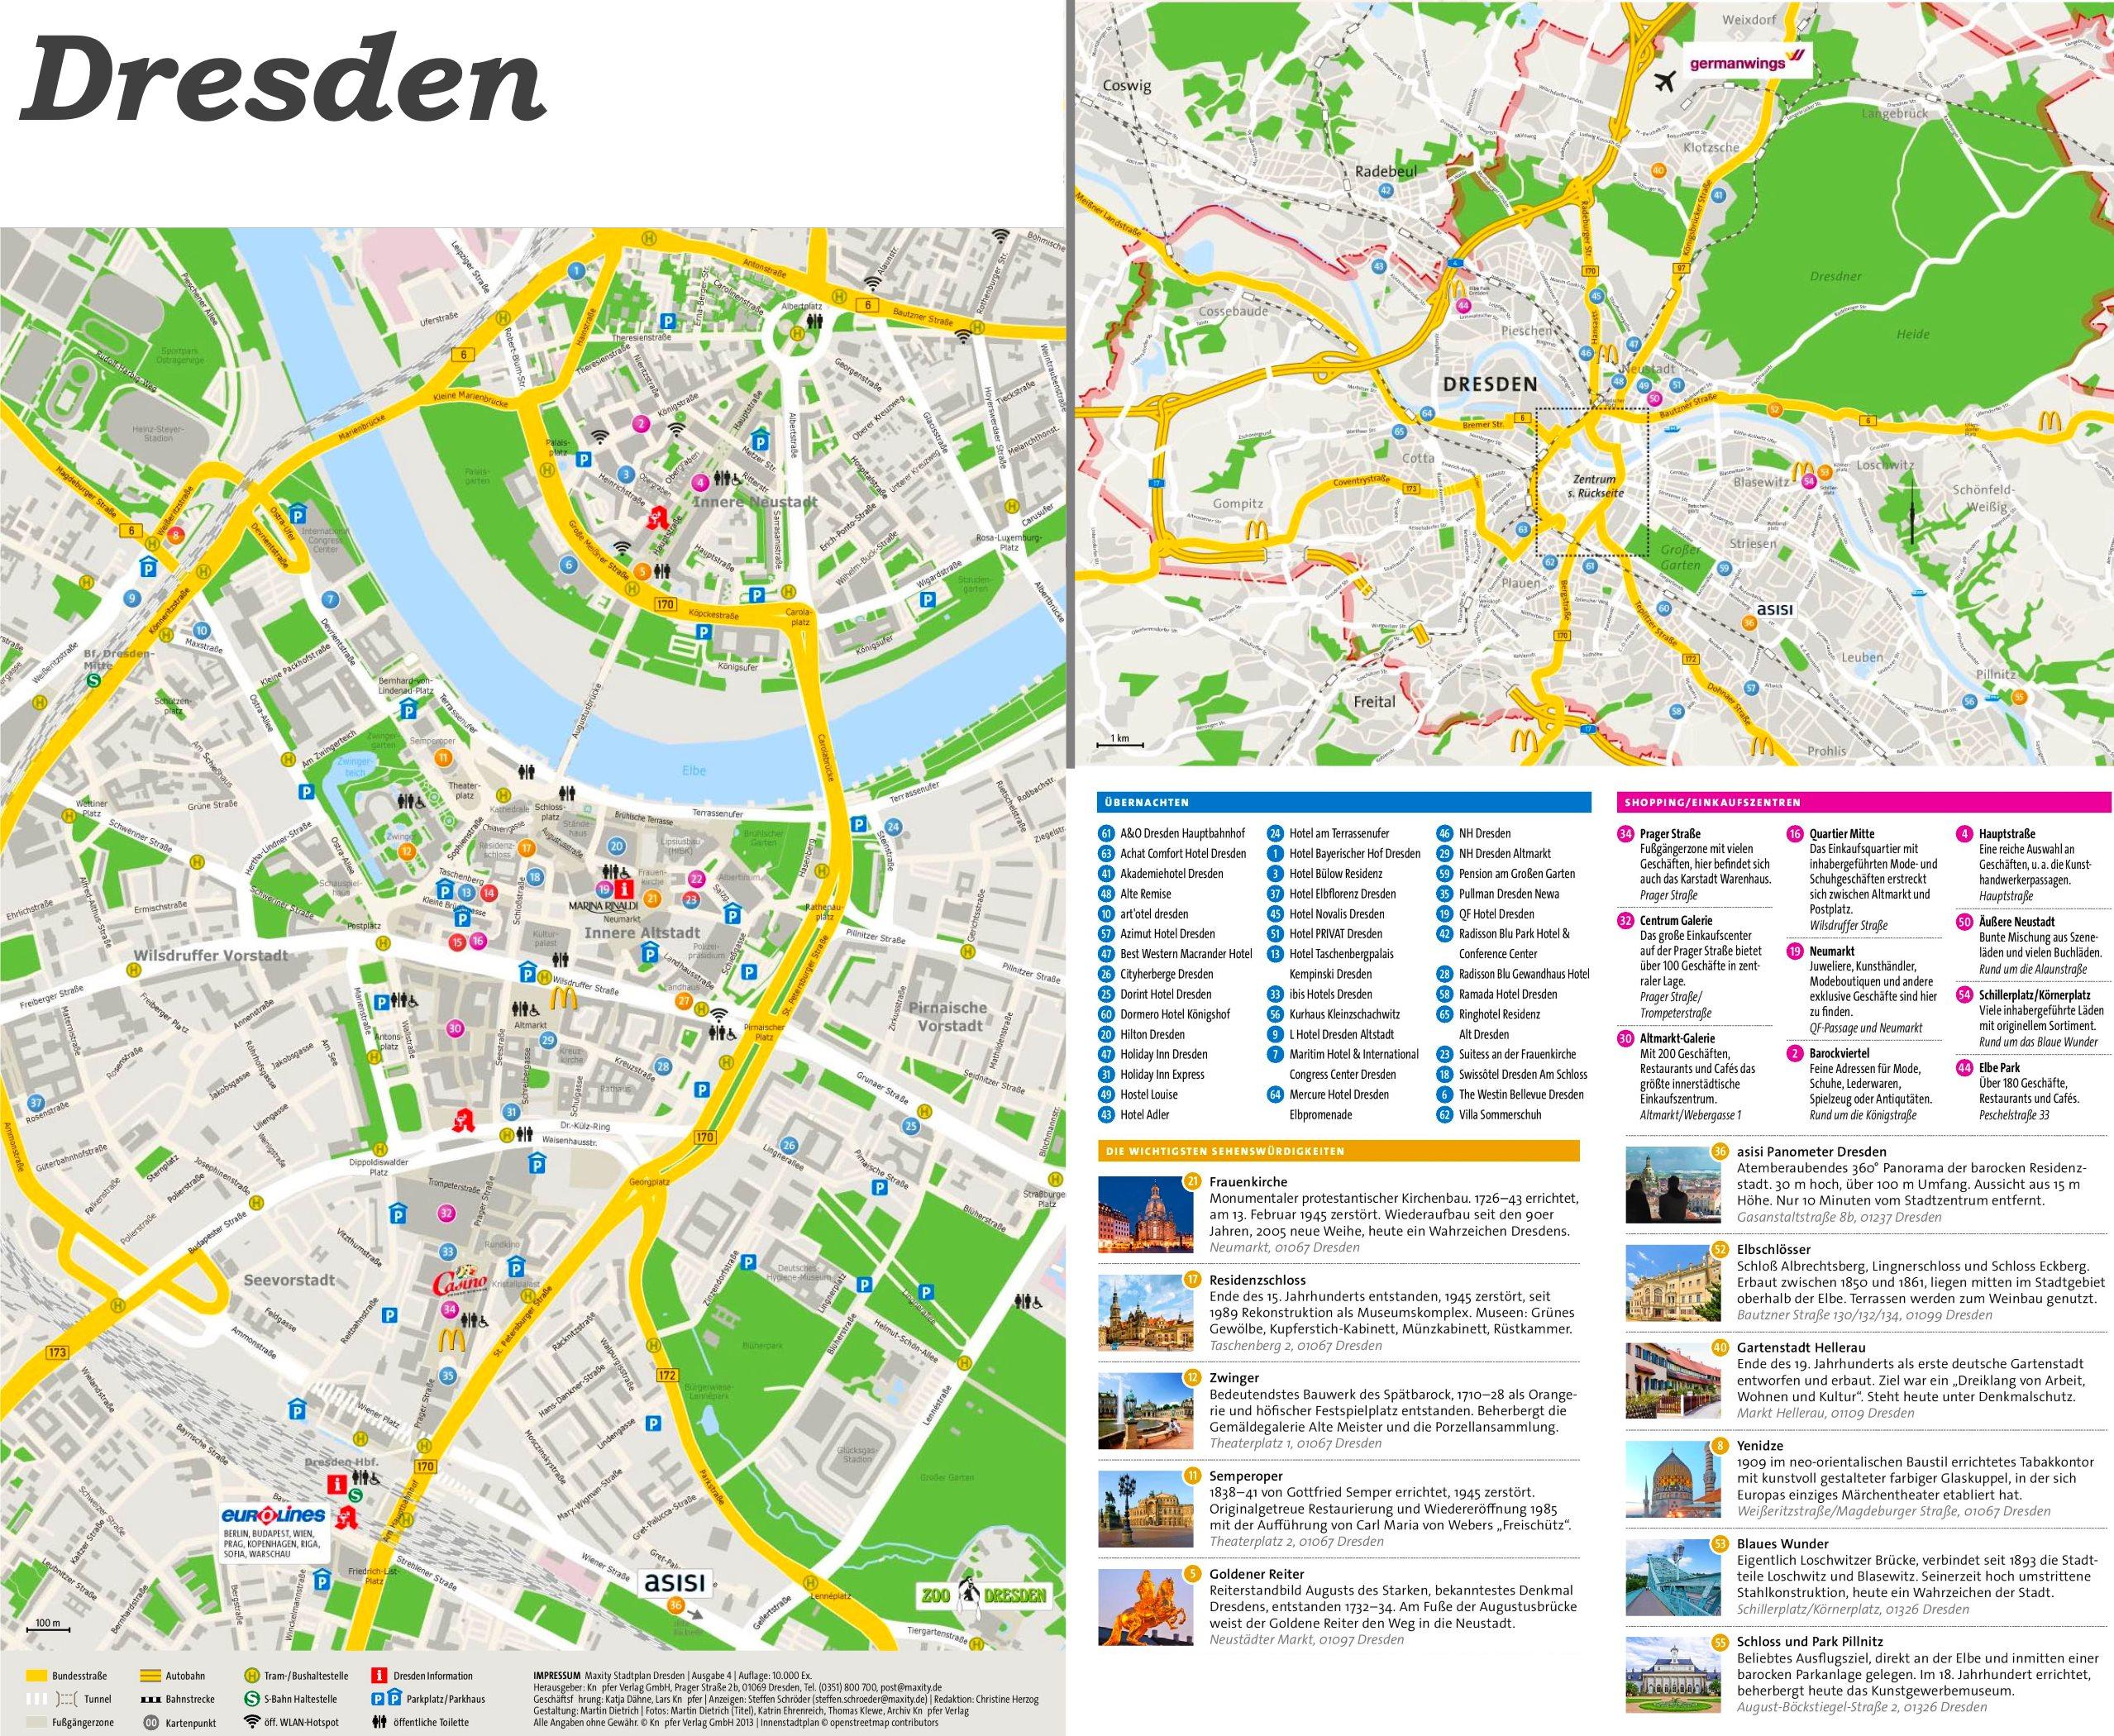 karte von dresden Touristischer stadtplan von Dresden